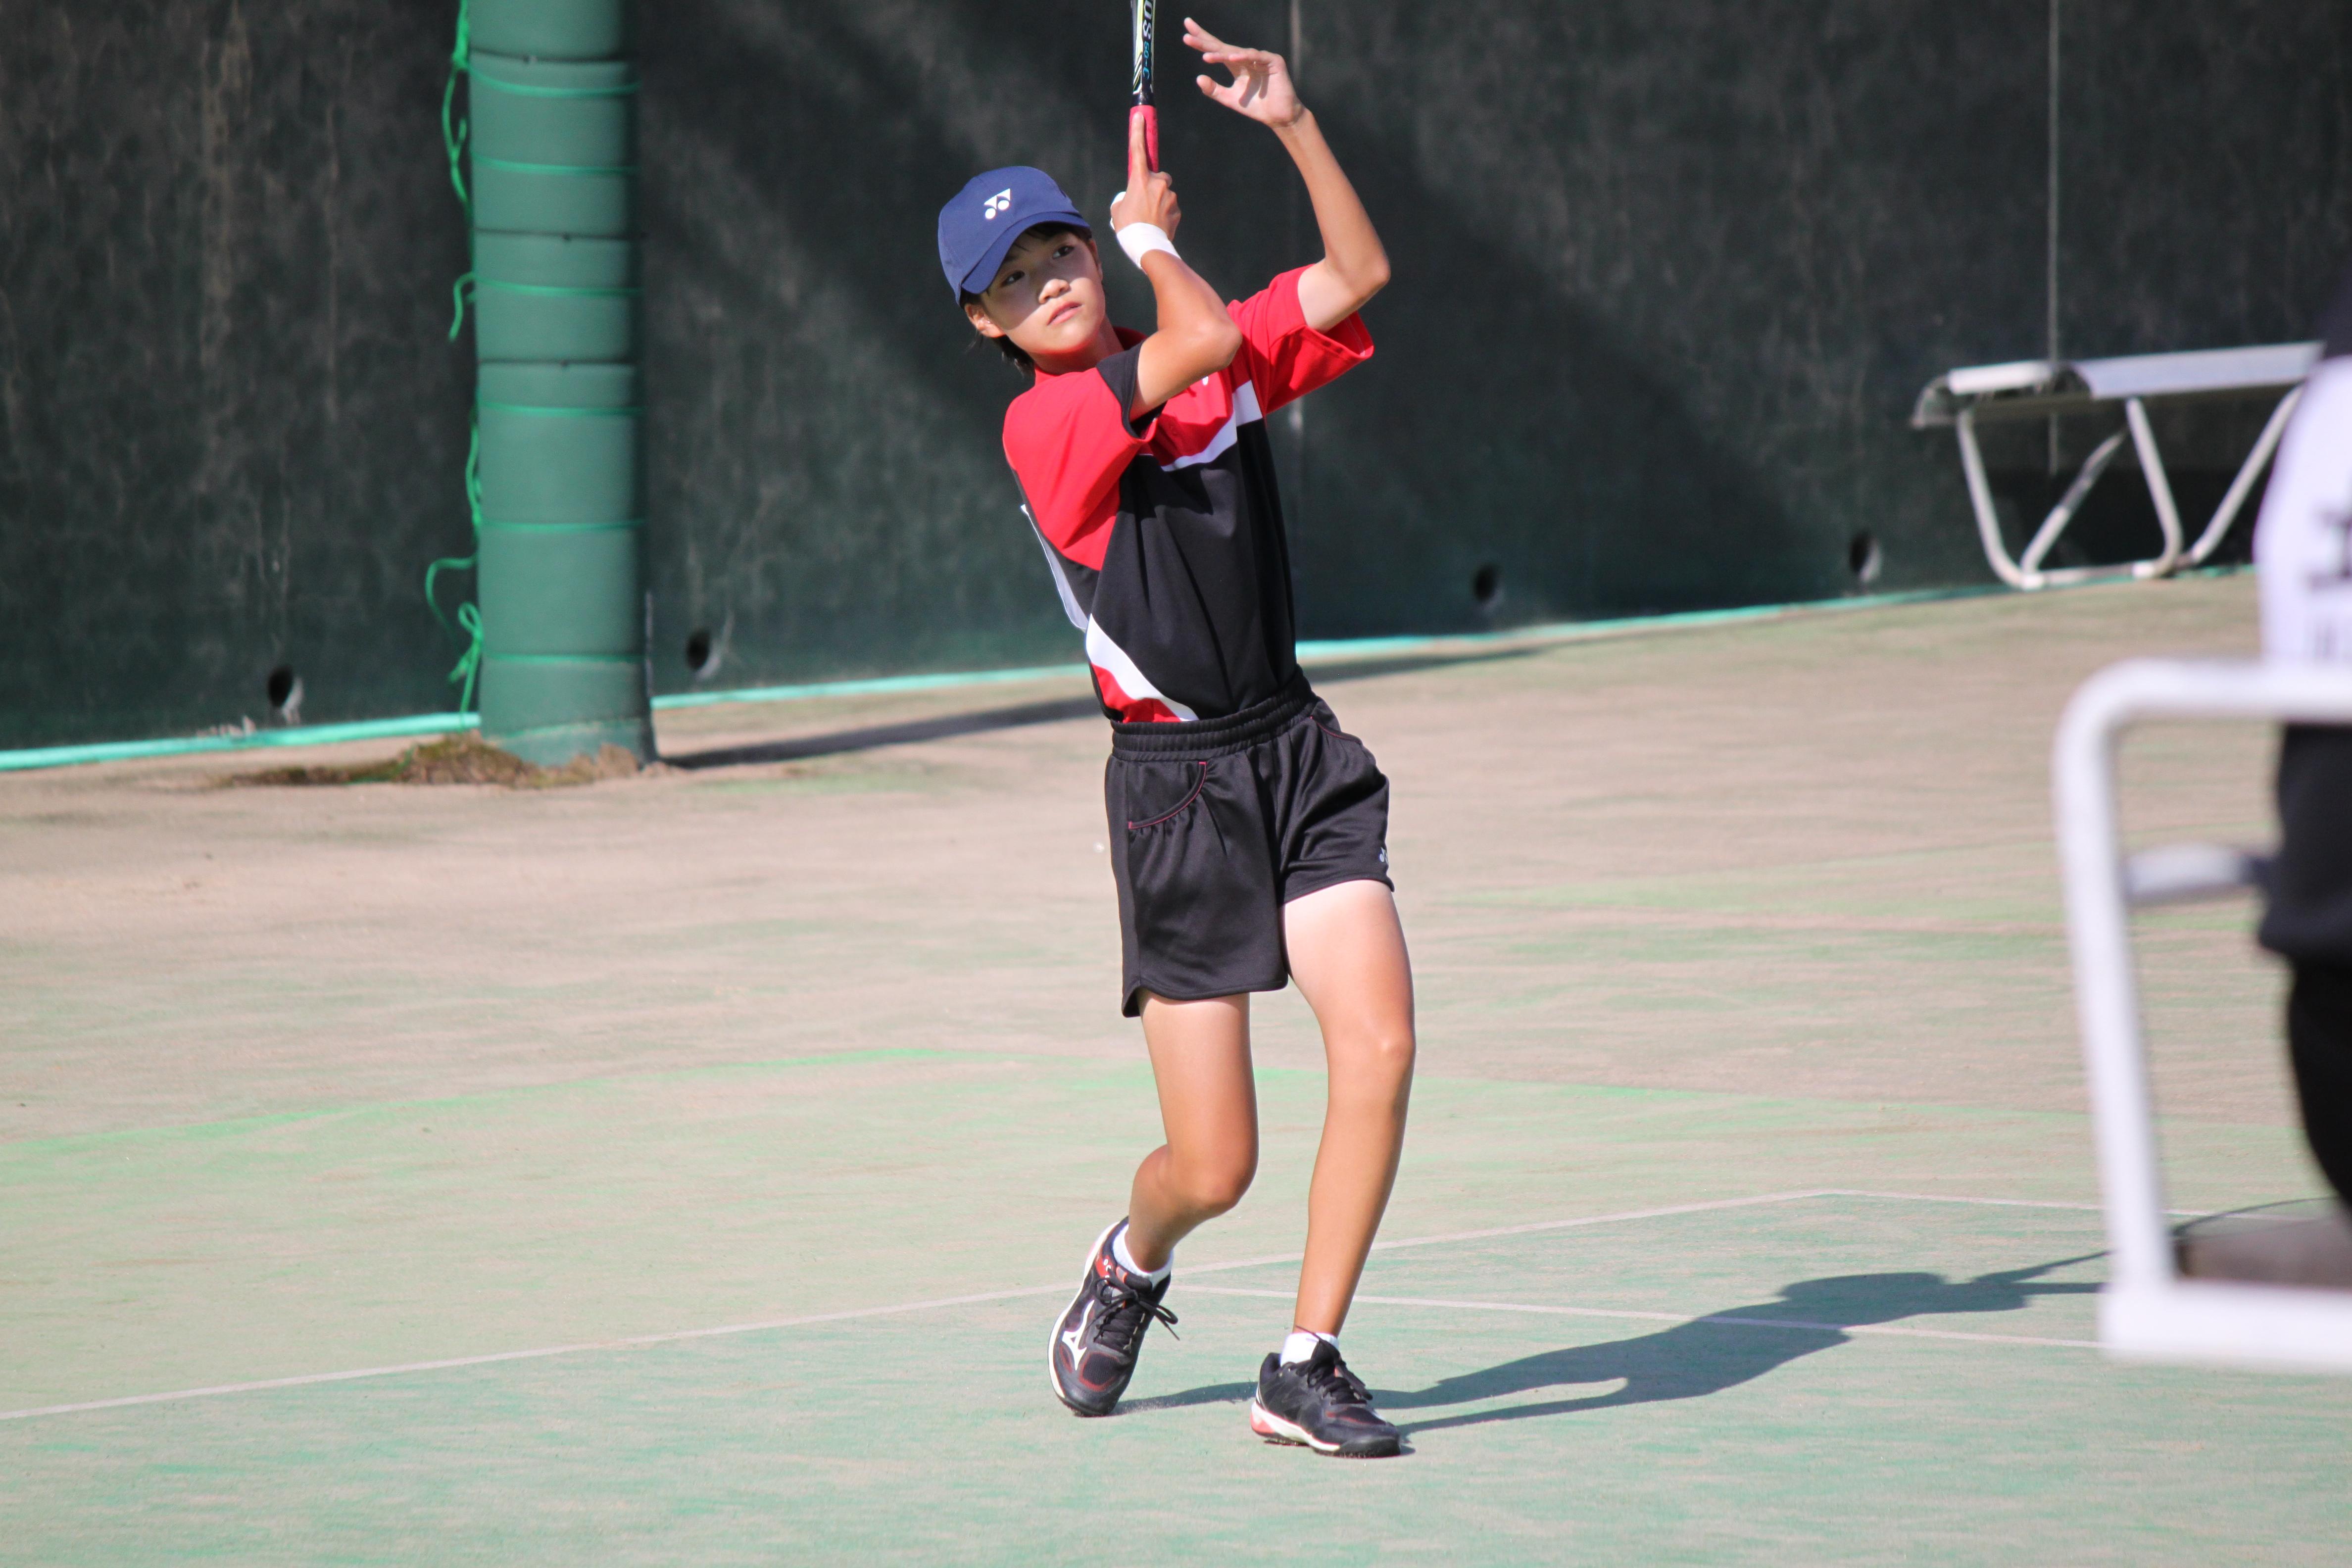 ソフトテニス (686)